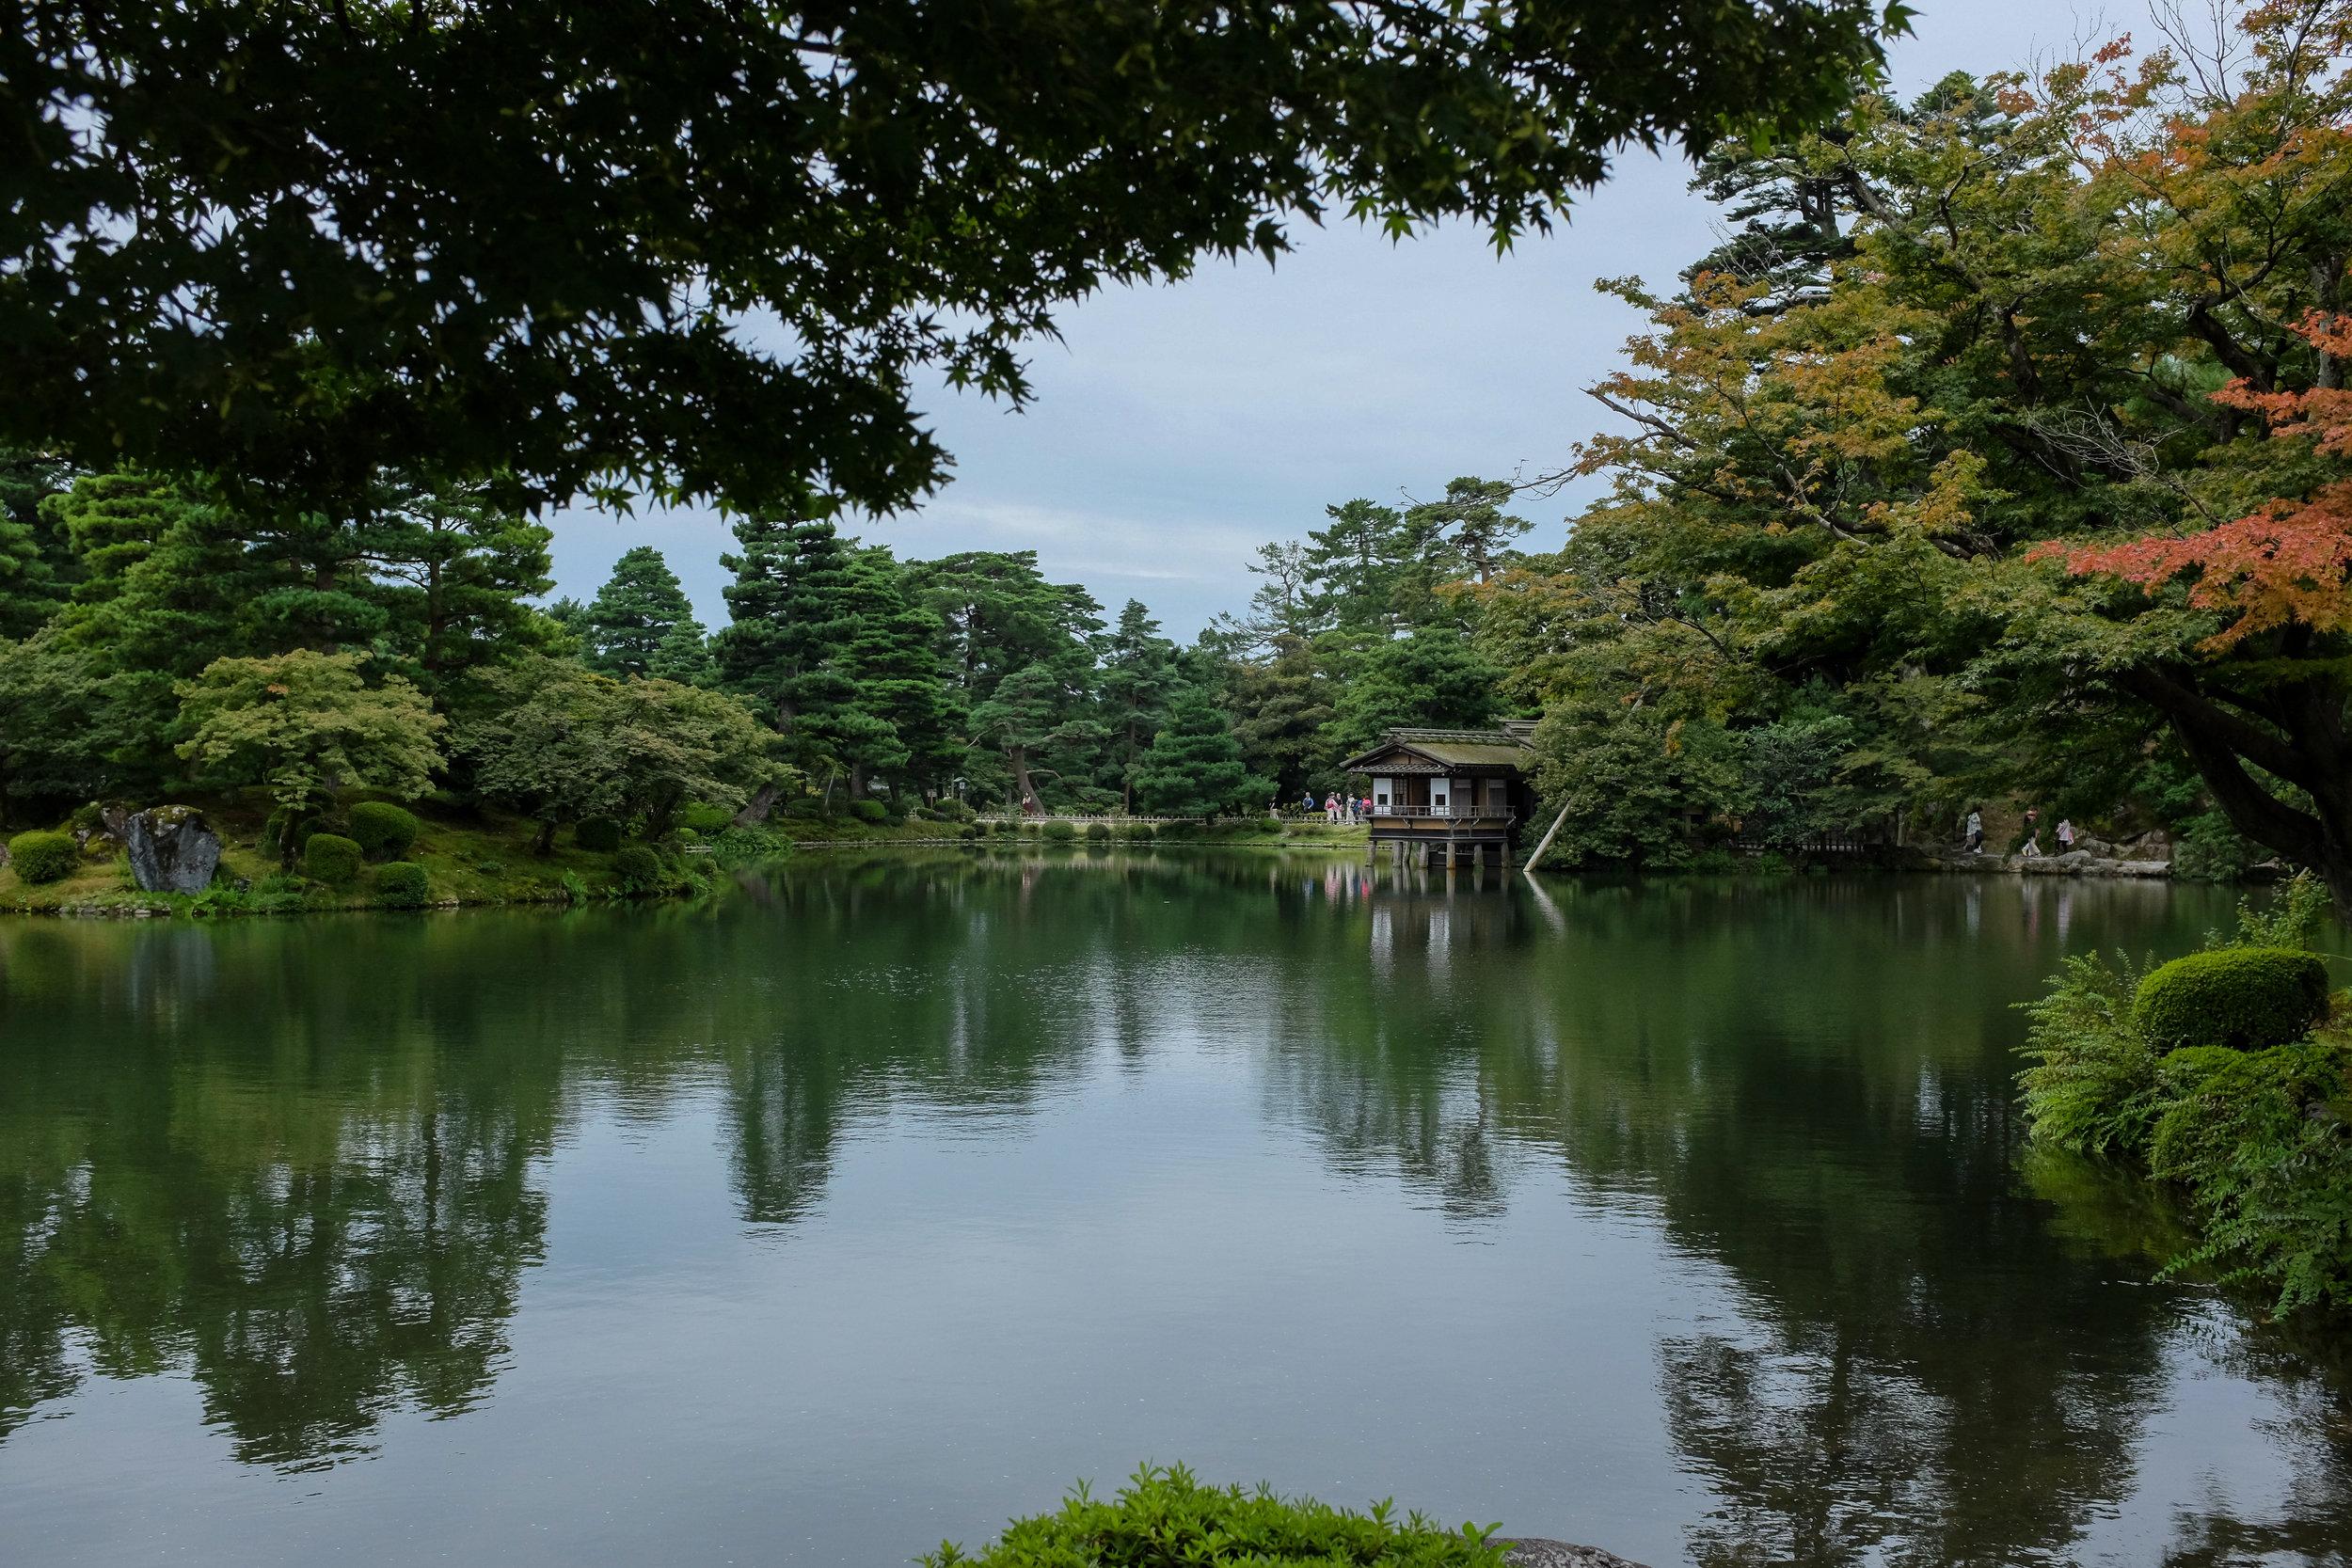 Kenroku-en / Kanazawa / Japan